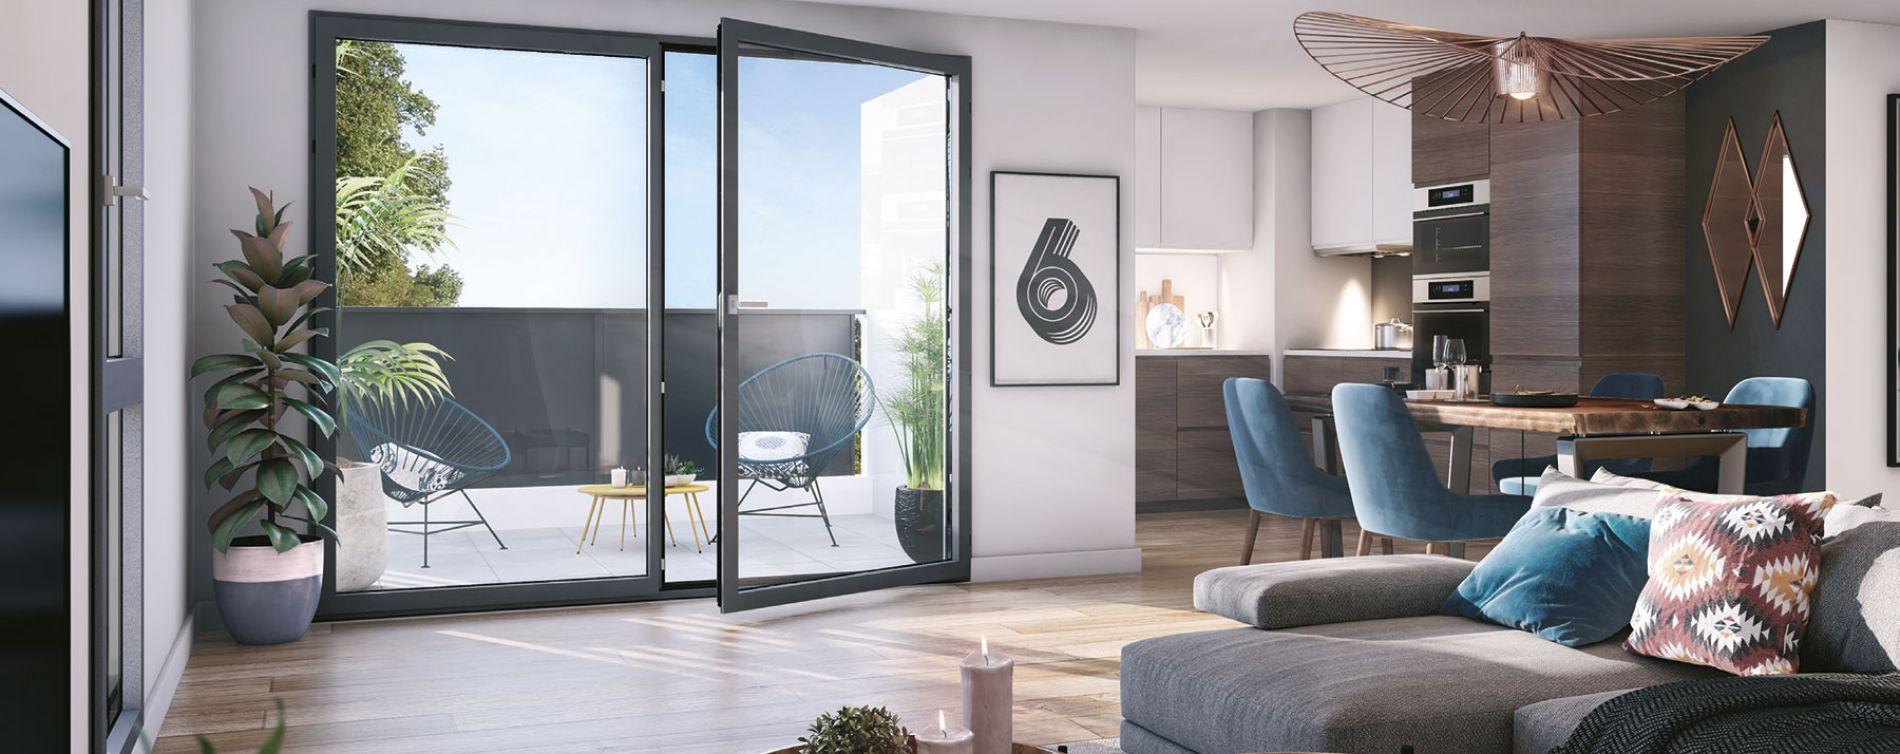 Lormont : programme immobilier neuve « Upside 2 » (3)